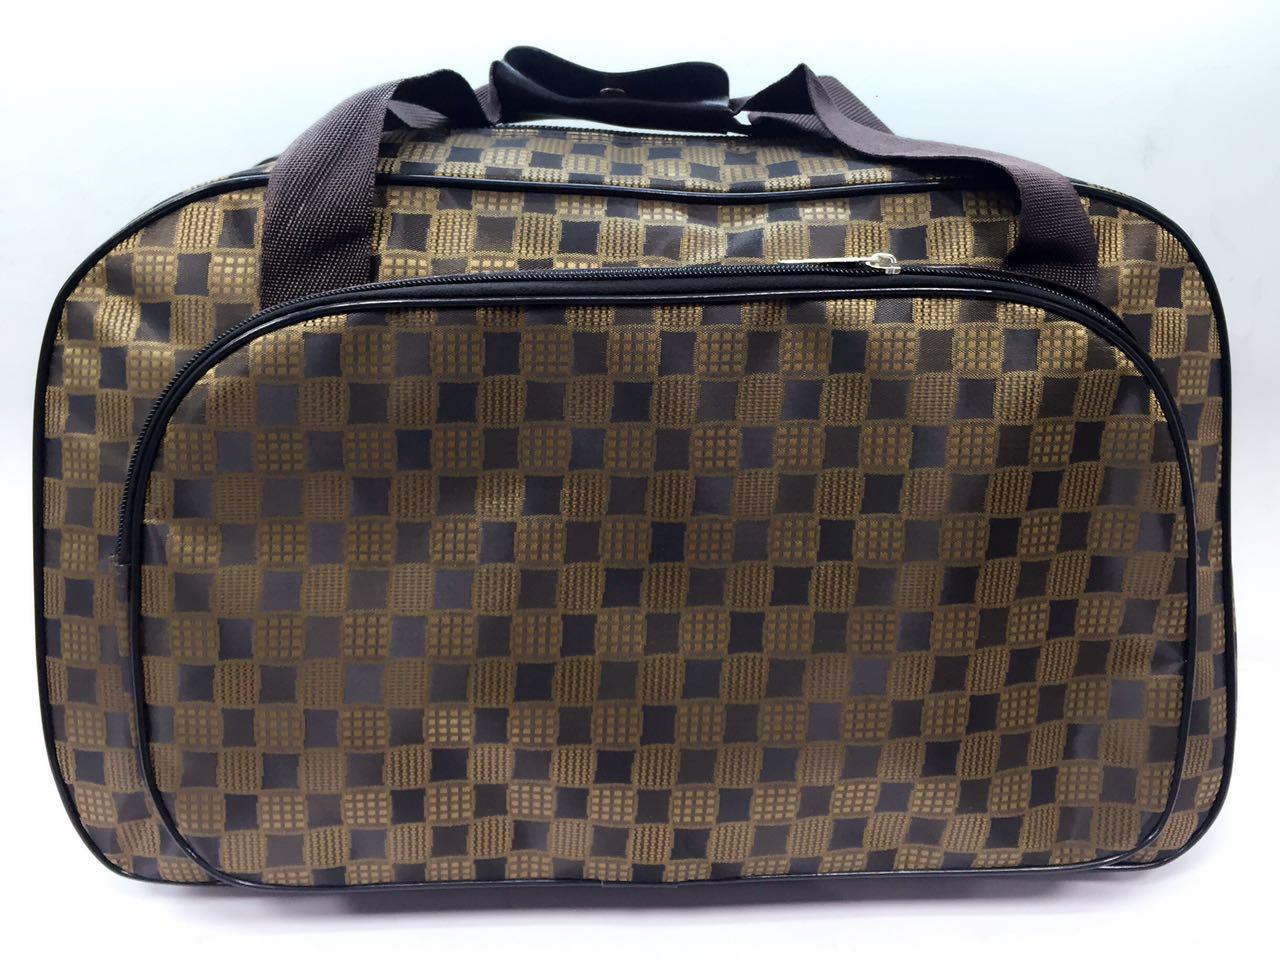 Дорожная сумка текстильная небольшая унисекс